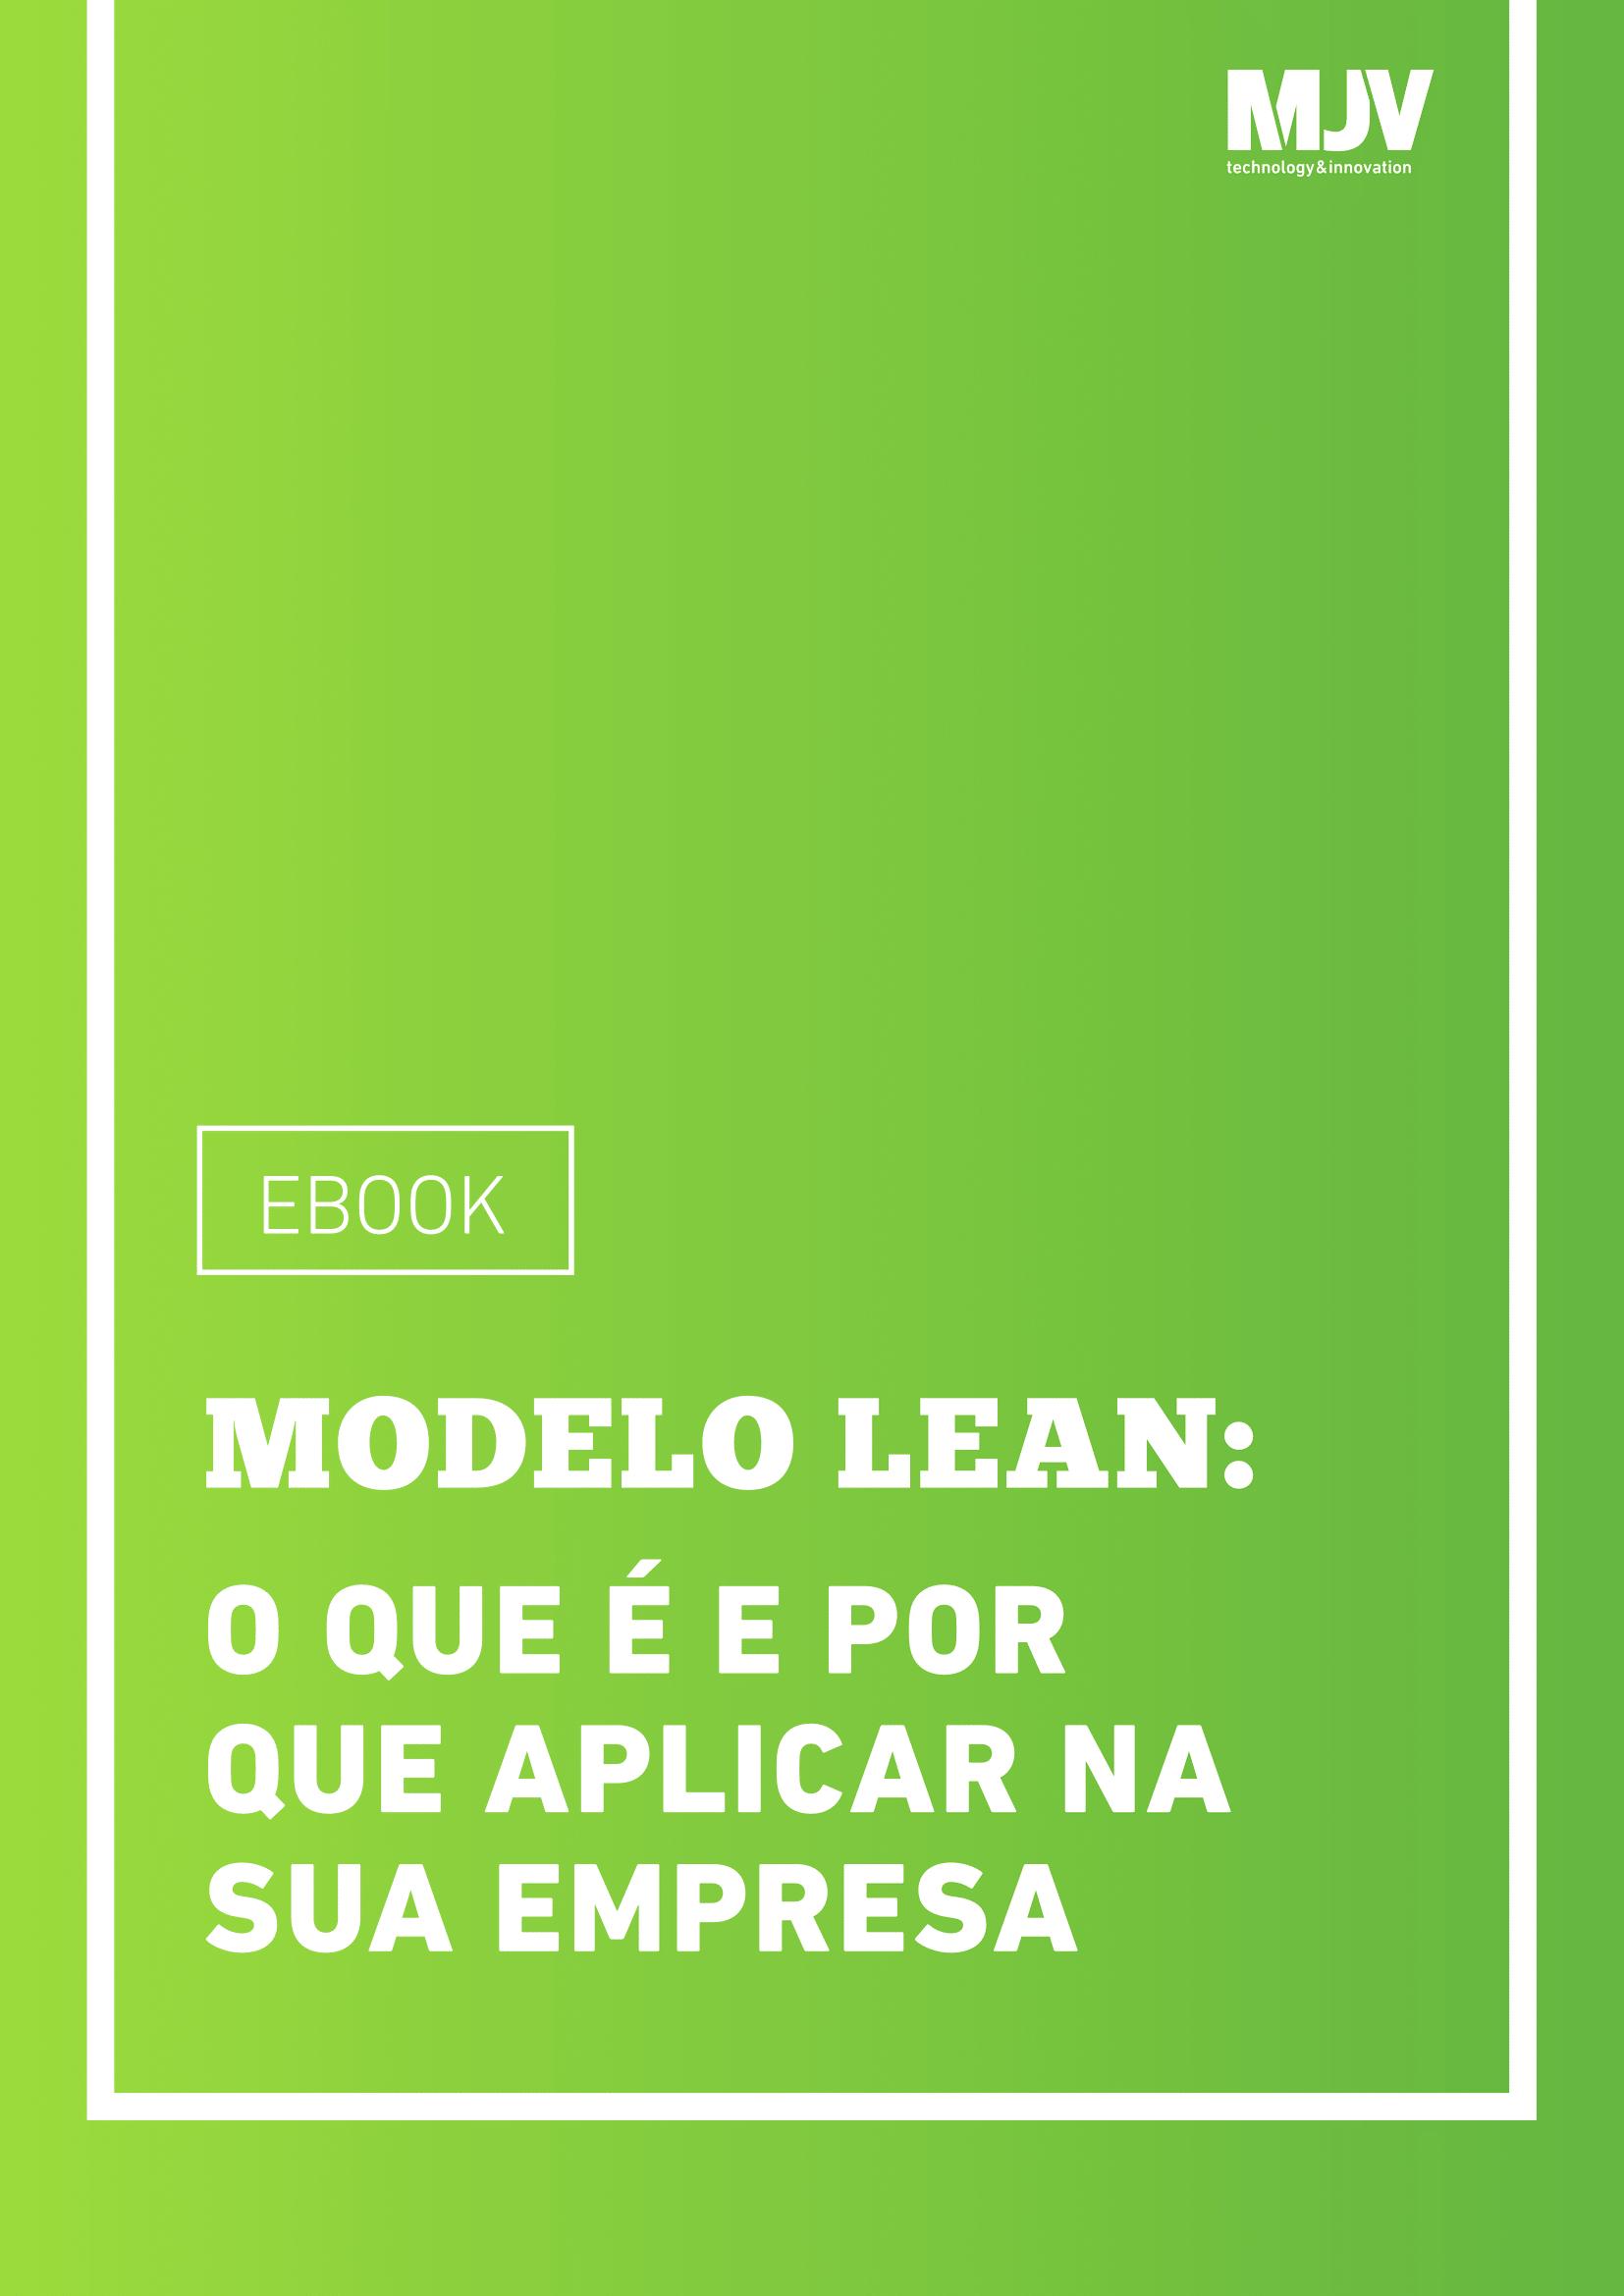 E-book-modelo-Lean-01